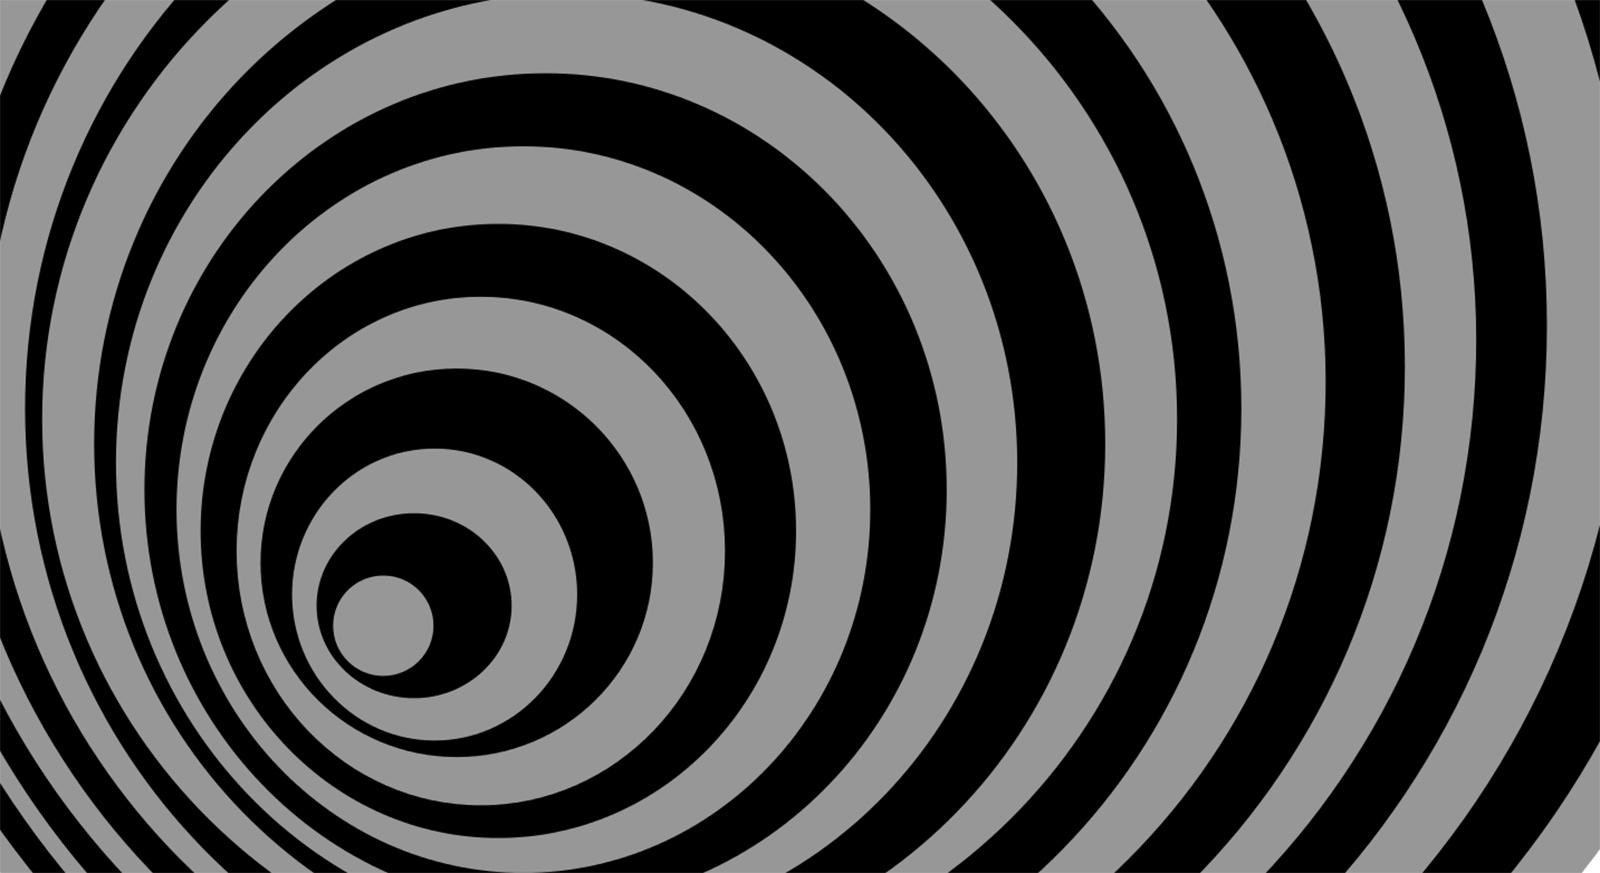 Twilight Zone spiral